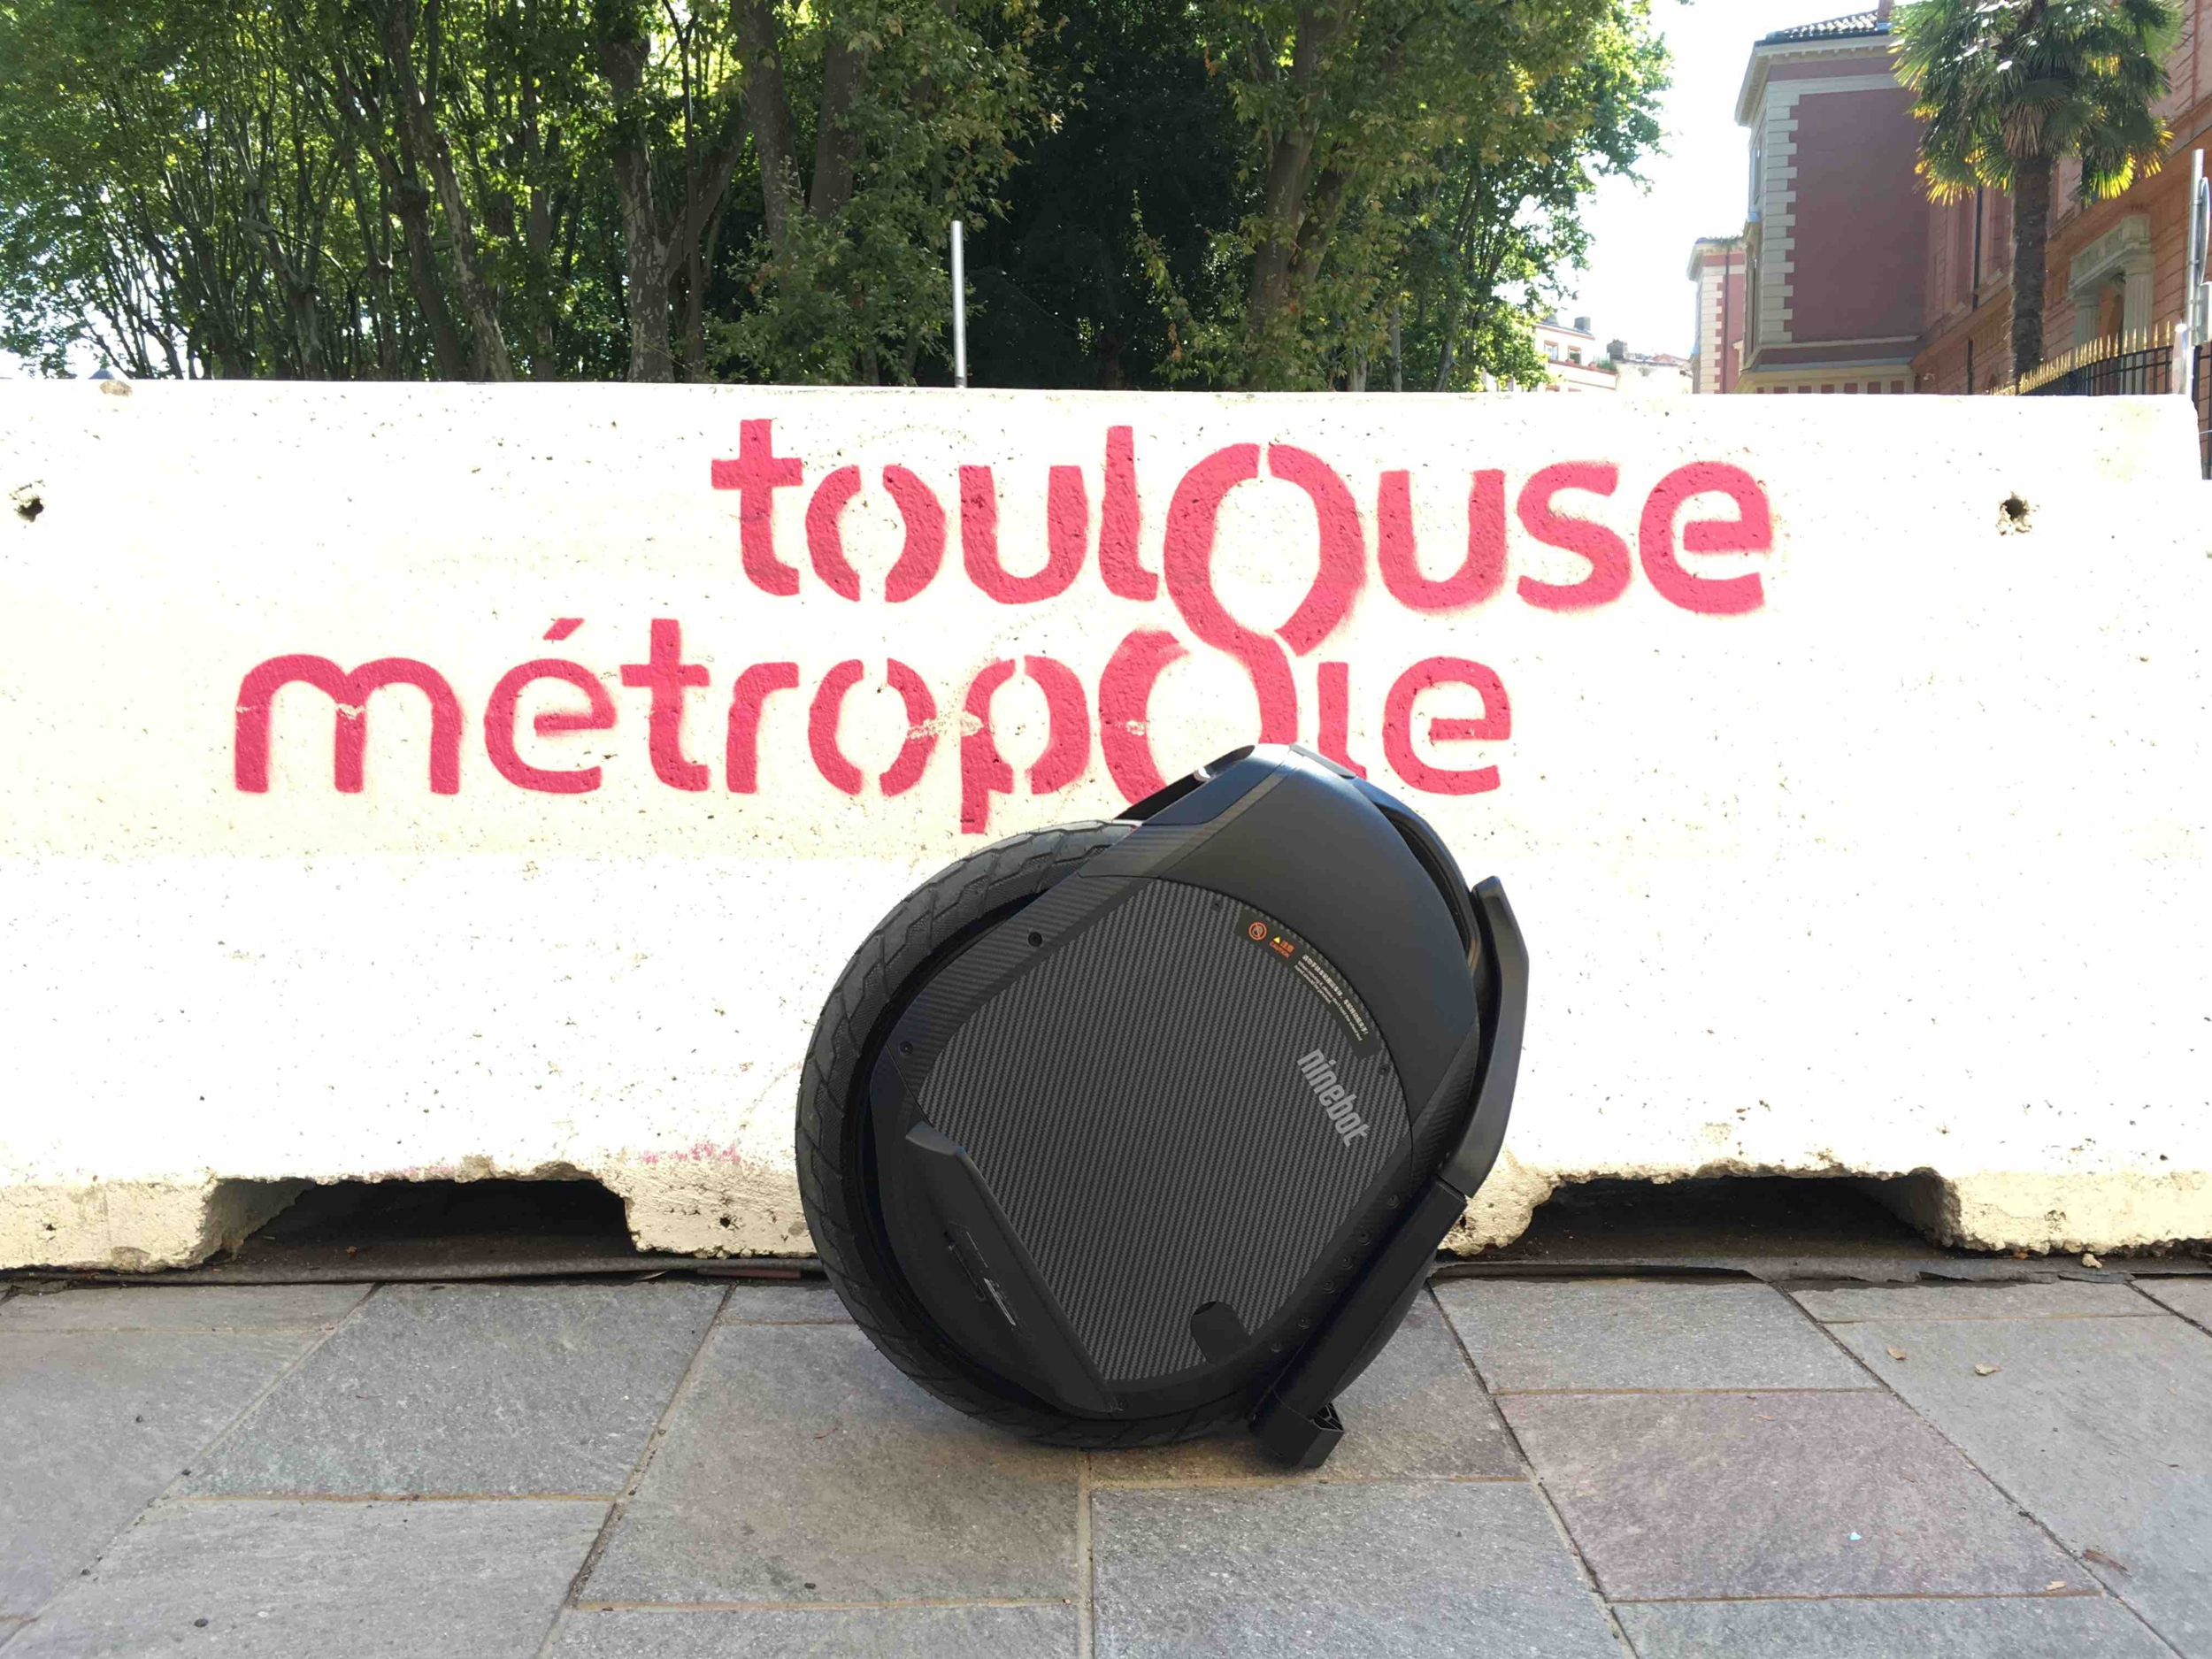 blog de mobilityurban actus nouveaut s info r glementation micromobilit. Black Bedroom Furniture Sets. Home Design Ideas